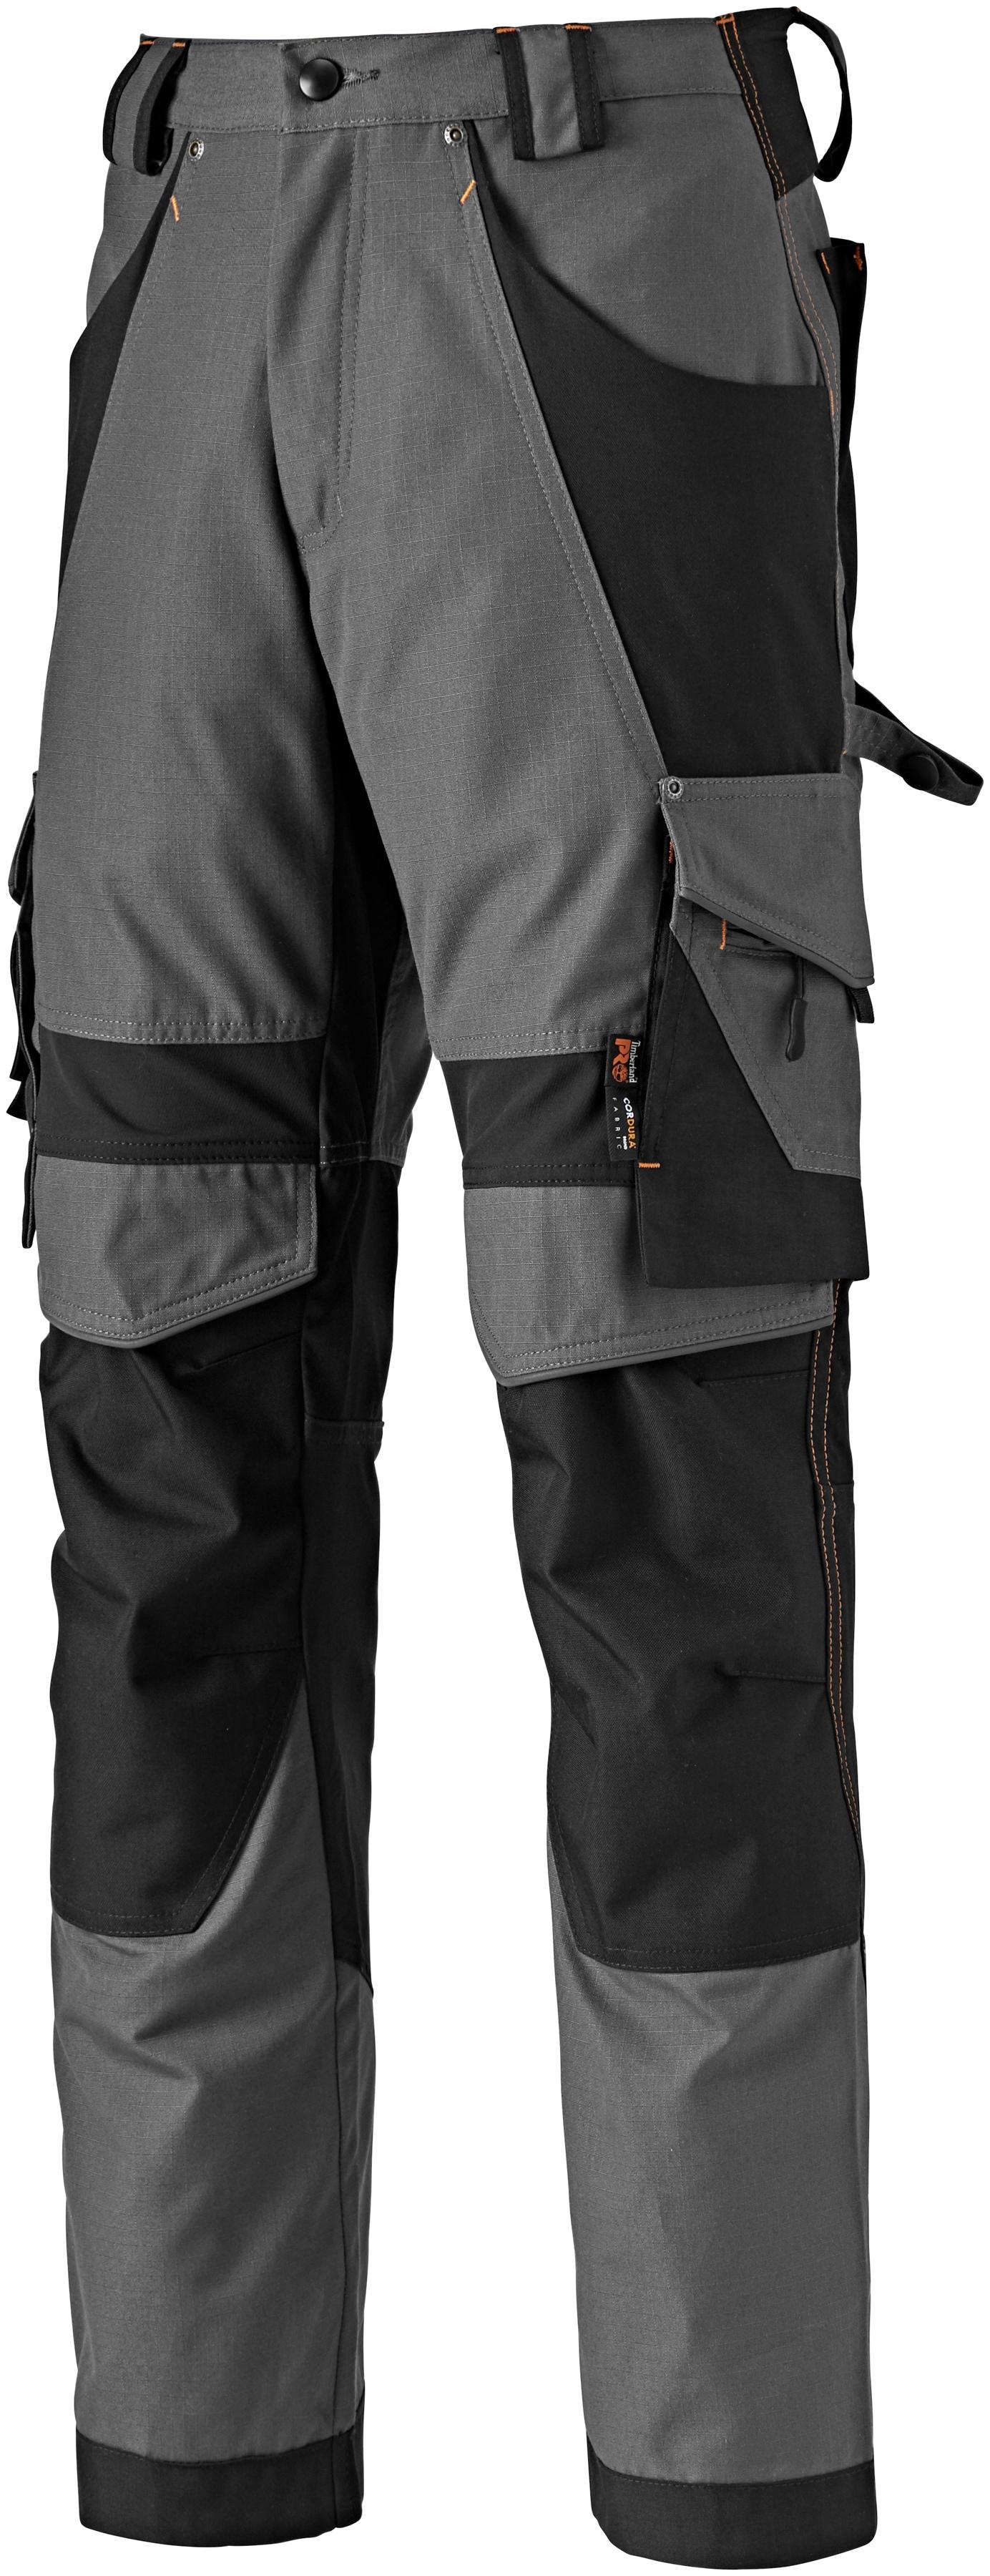 Timberland Pro Arbeitshose Interax grau Herren Arbeitshosen Arbeits- Berufsbekleidung